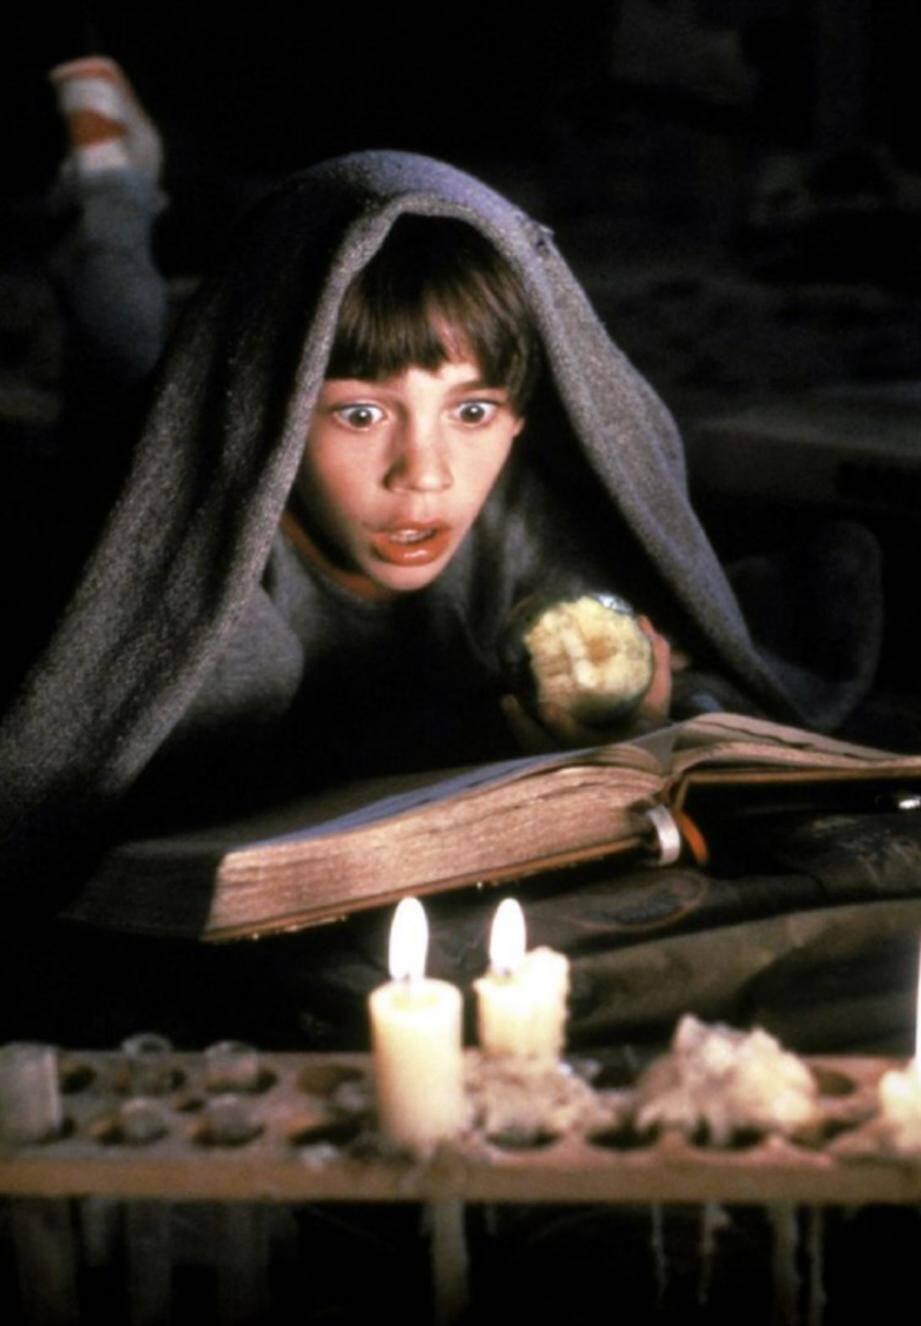 Les aventures merveilleuses du jeune Bastien seront accompagnées en musique par Loup Barrow.